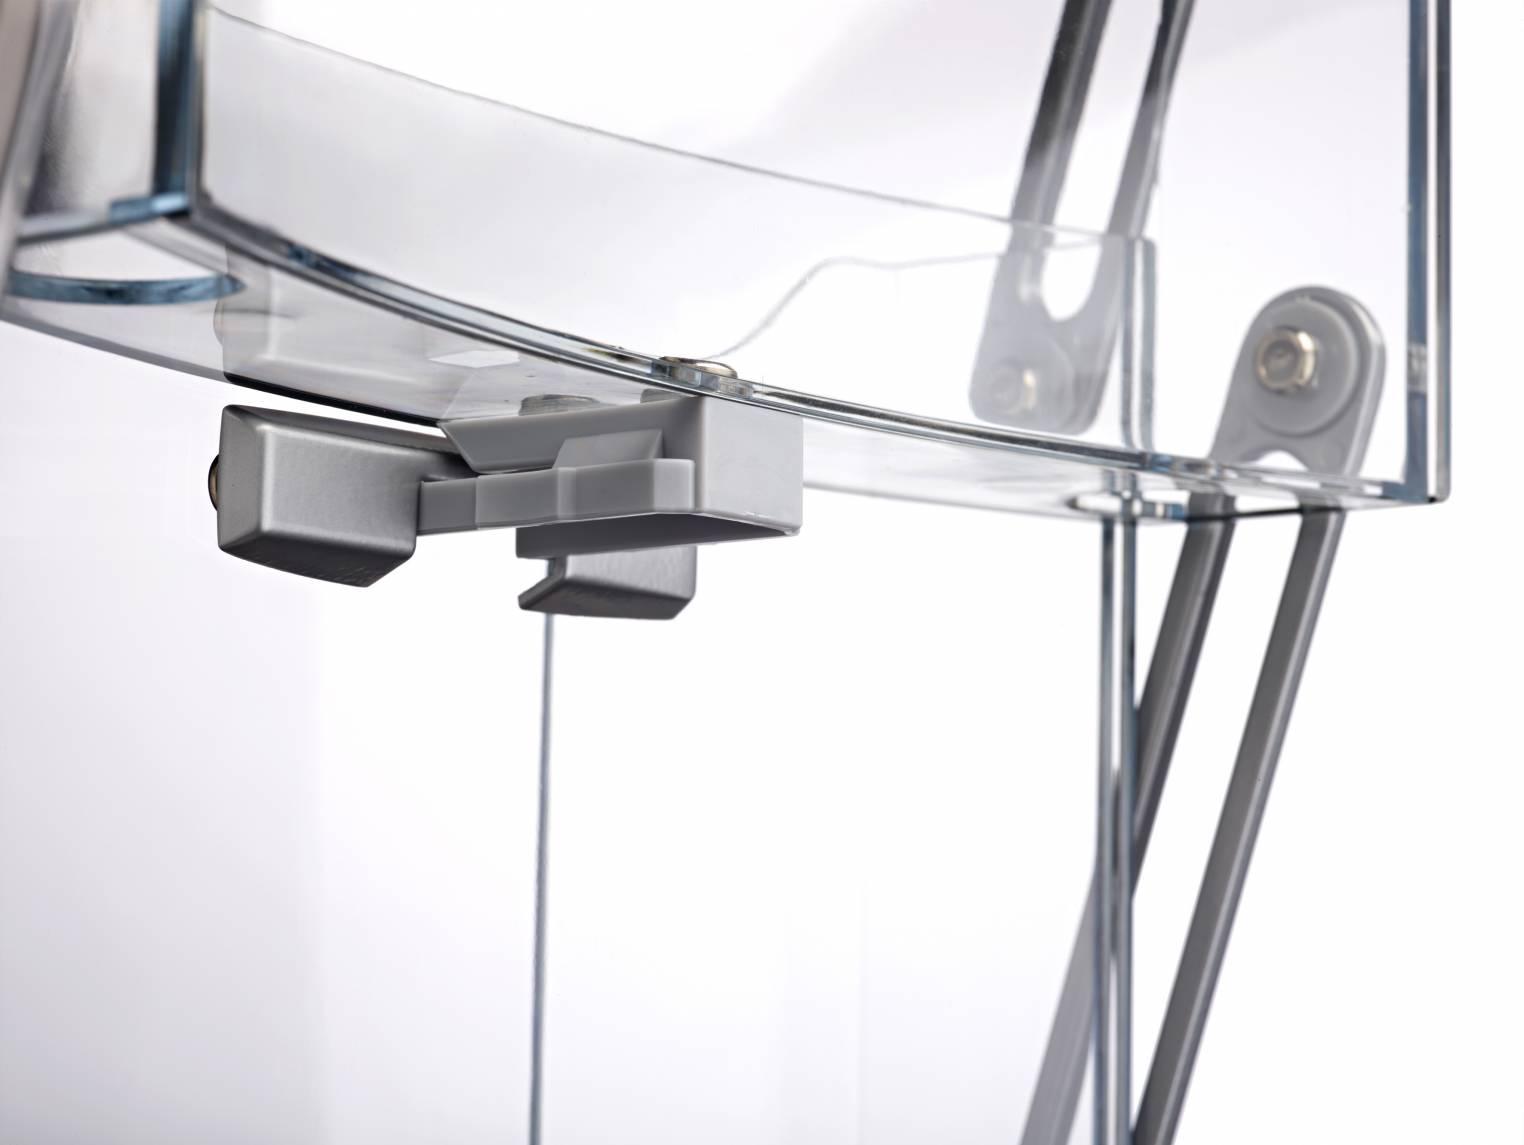 Snygg design på Broschyrställ – Enkelsidigt ihopfällbart från Gdirekt